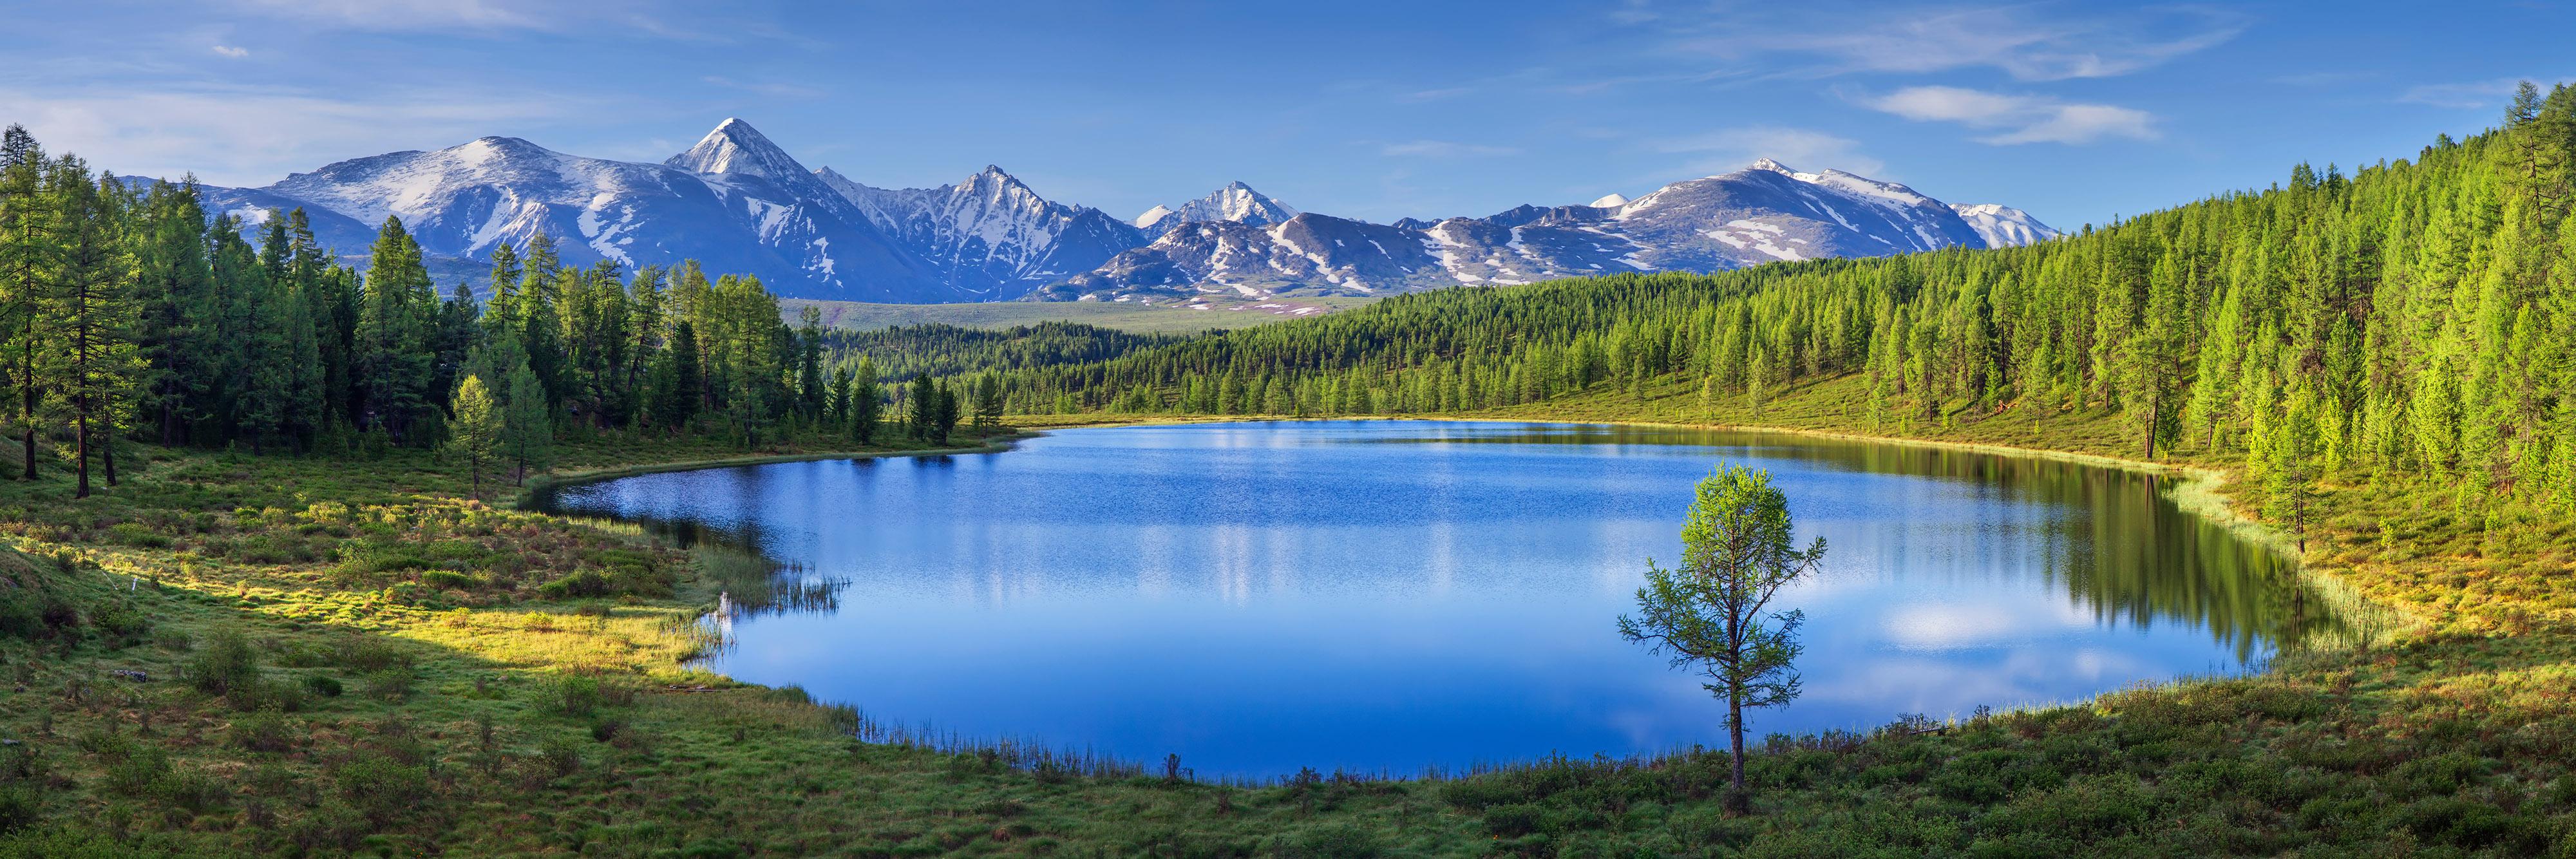 lago e cadeia de montanha1-editado